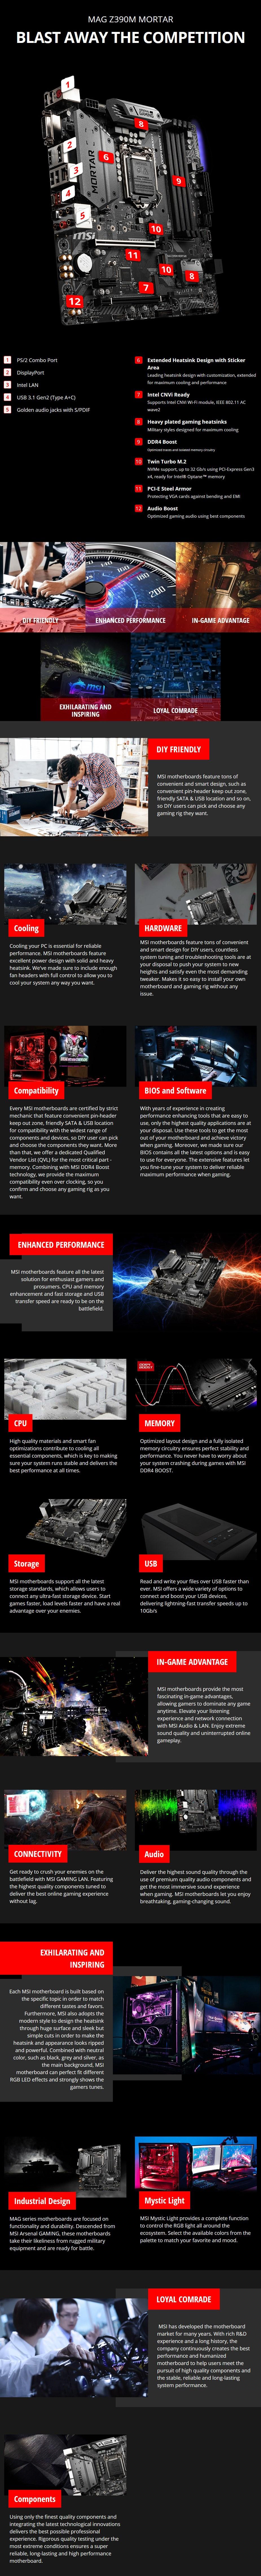 MSI MAG Z390M MORTAR LGA 1151 mATX Motherboard - Desktop Overview 1